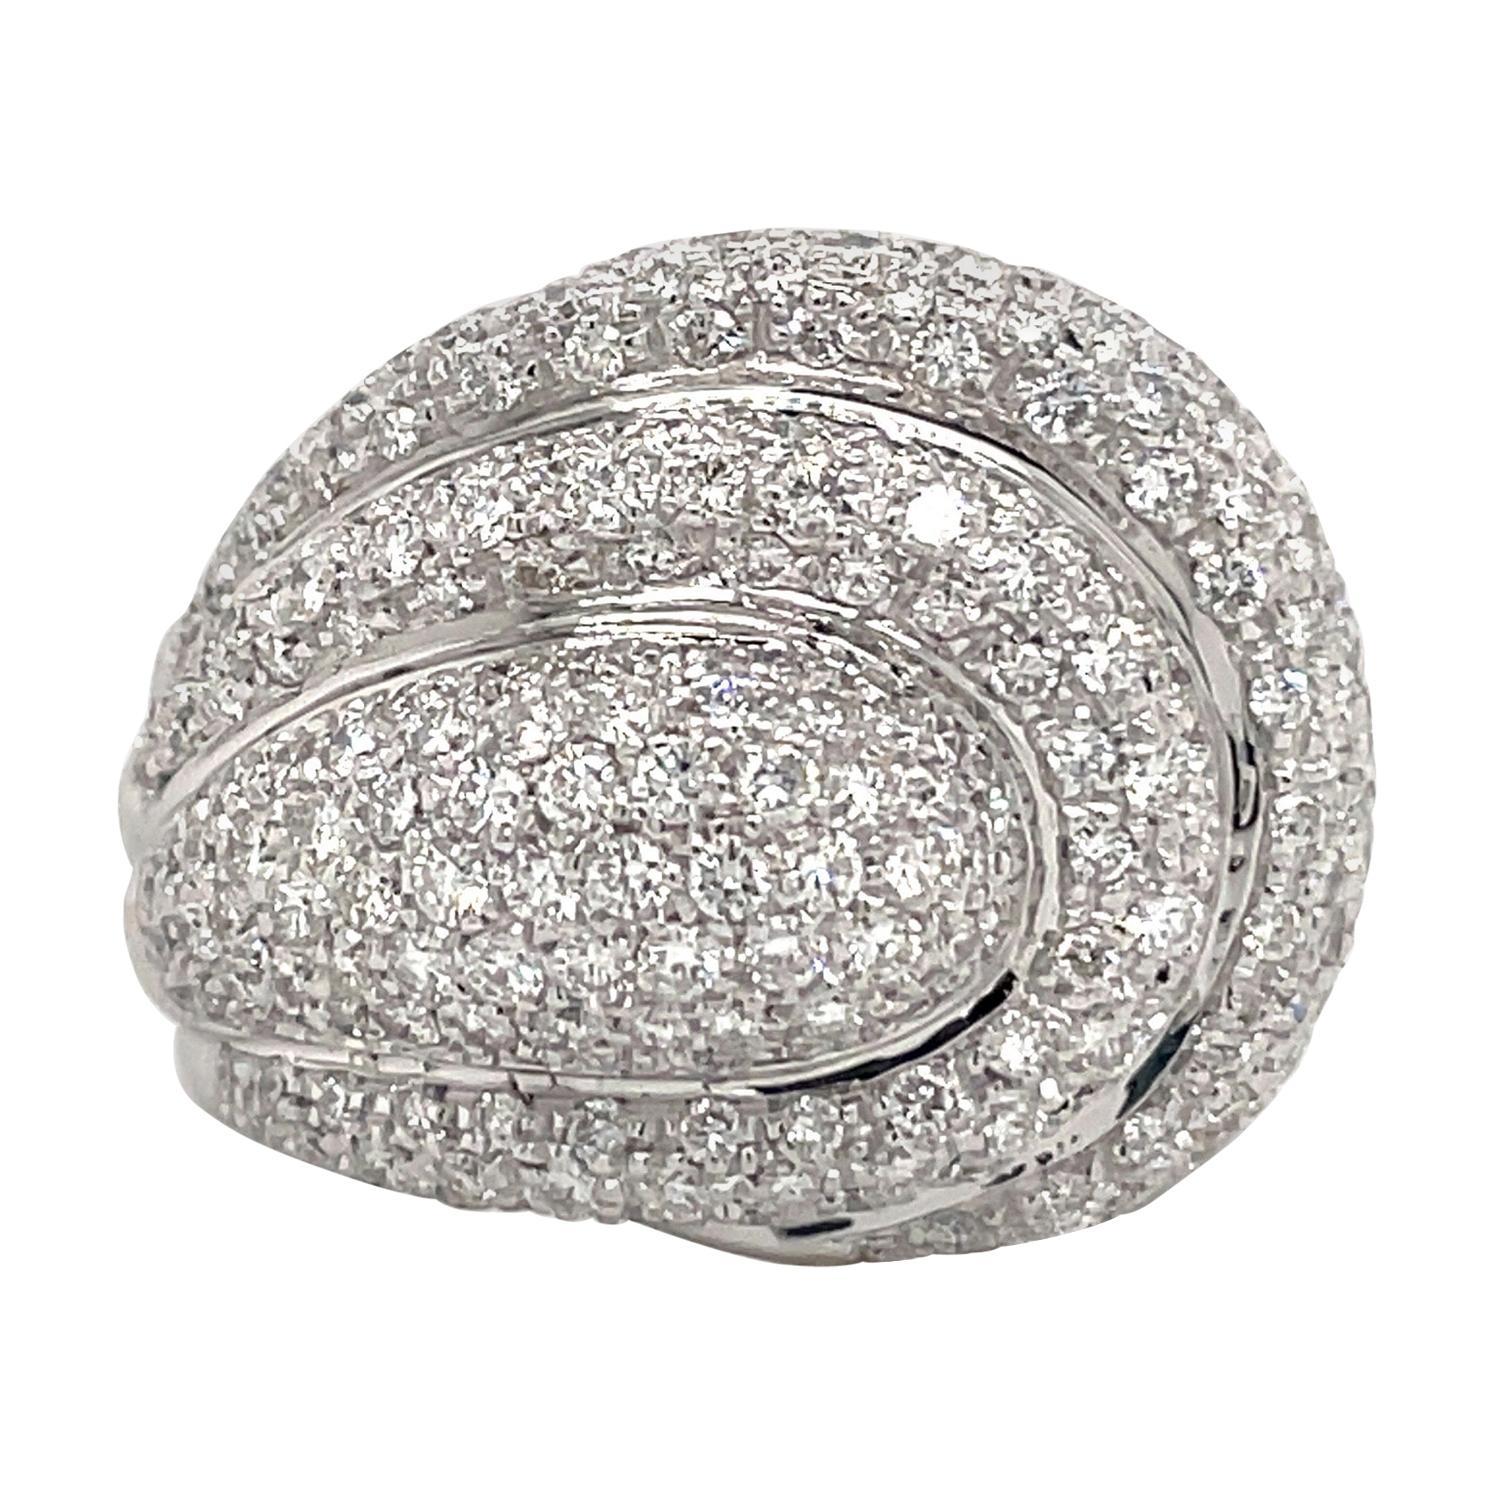 Diamond Dome Cocktail Ring 4 Carat 18 Karat White Gold